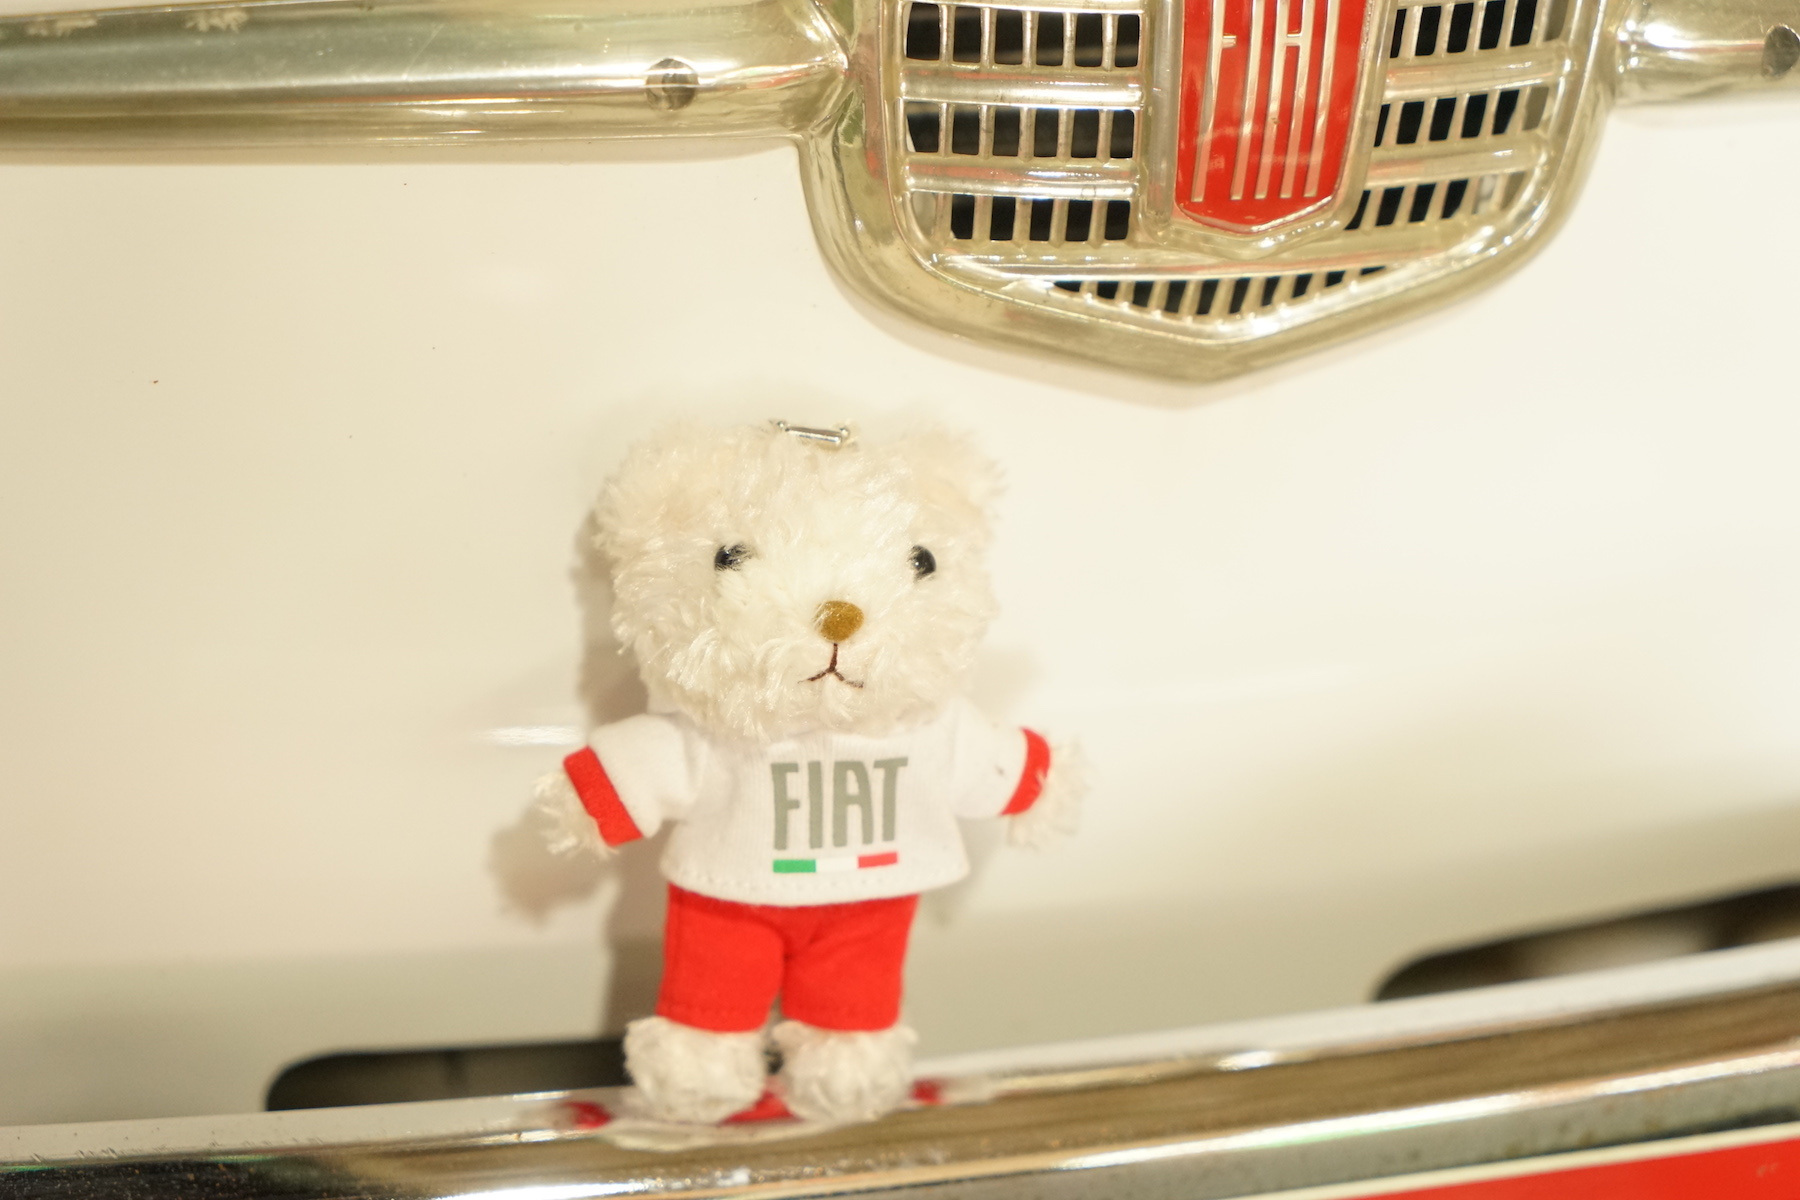 FIAT マスコットストラップ